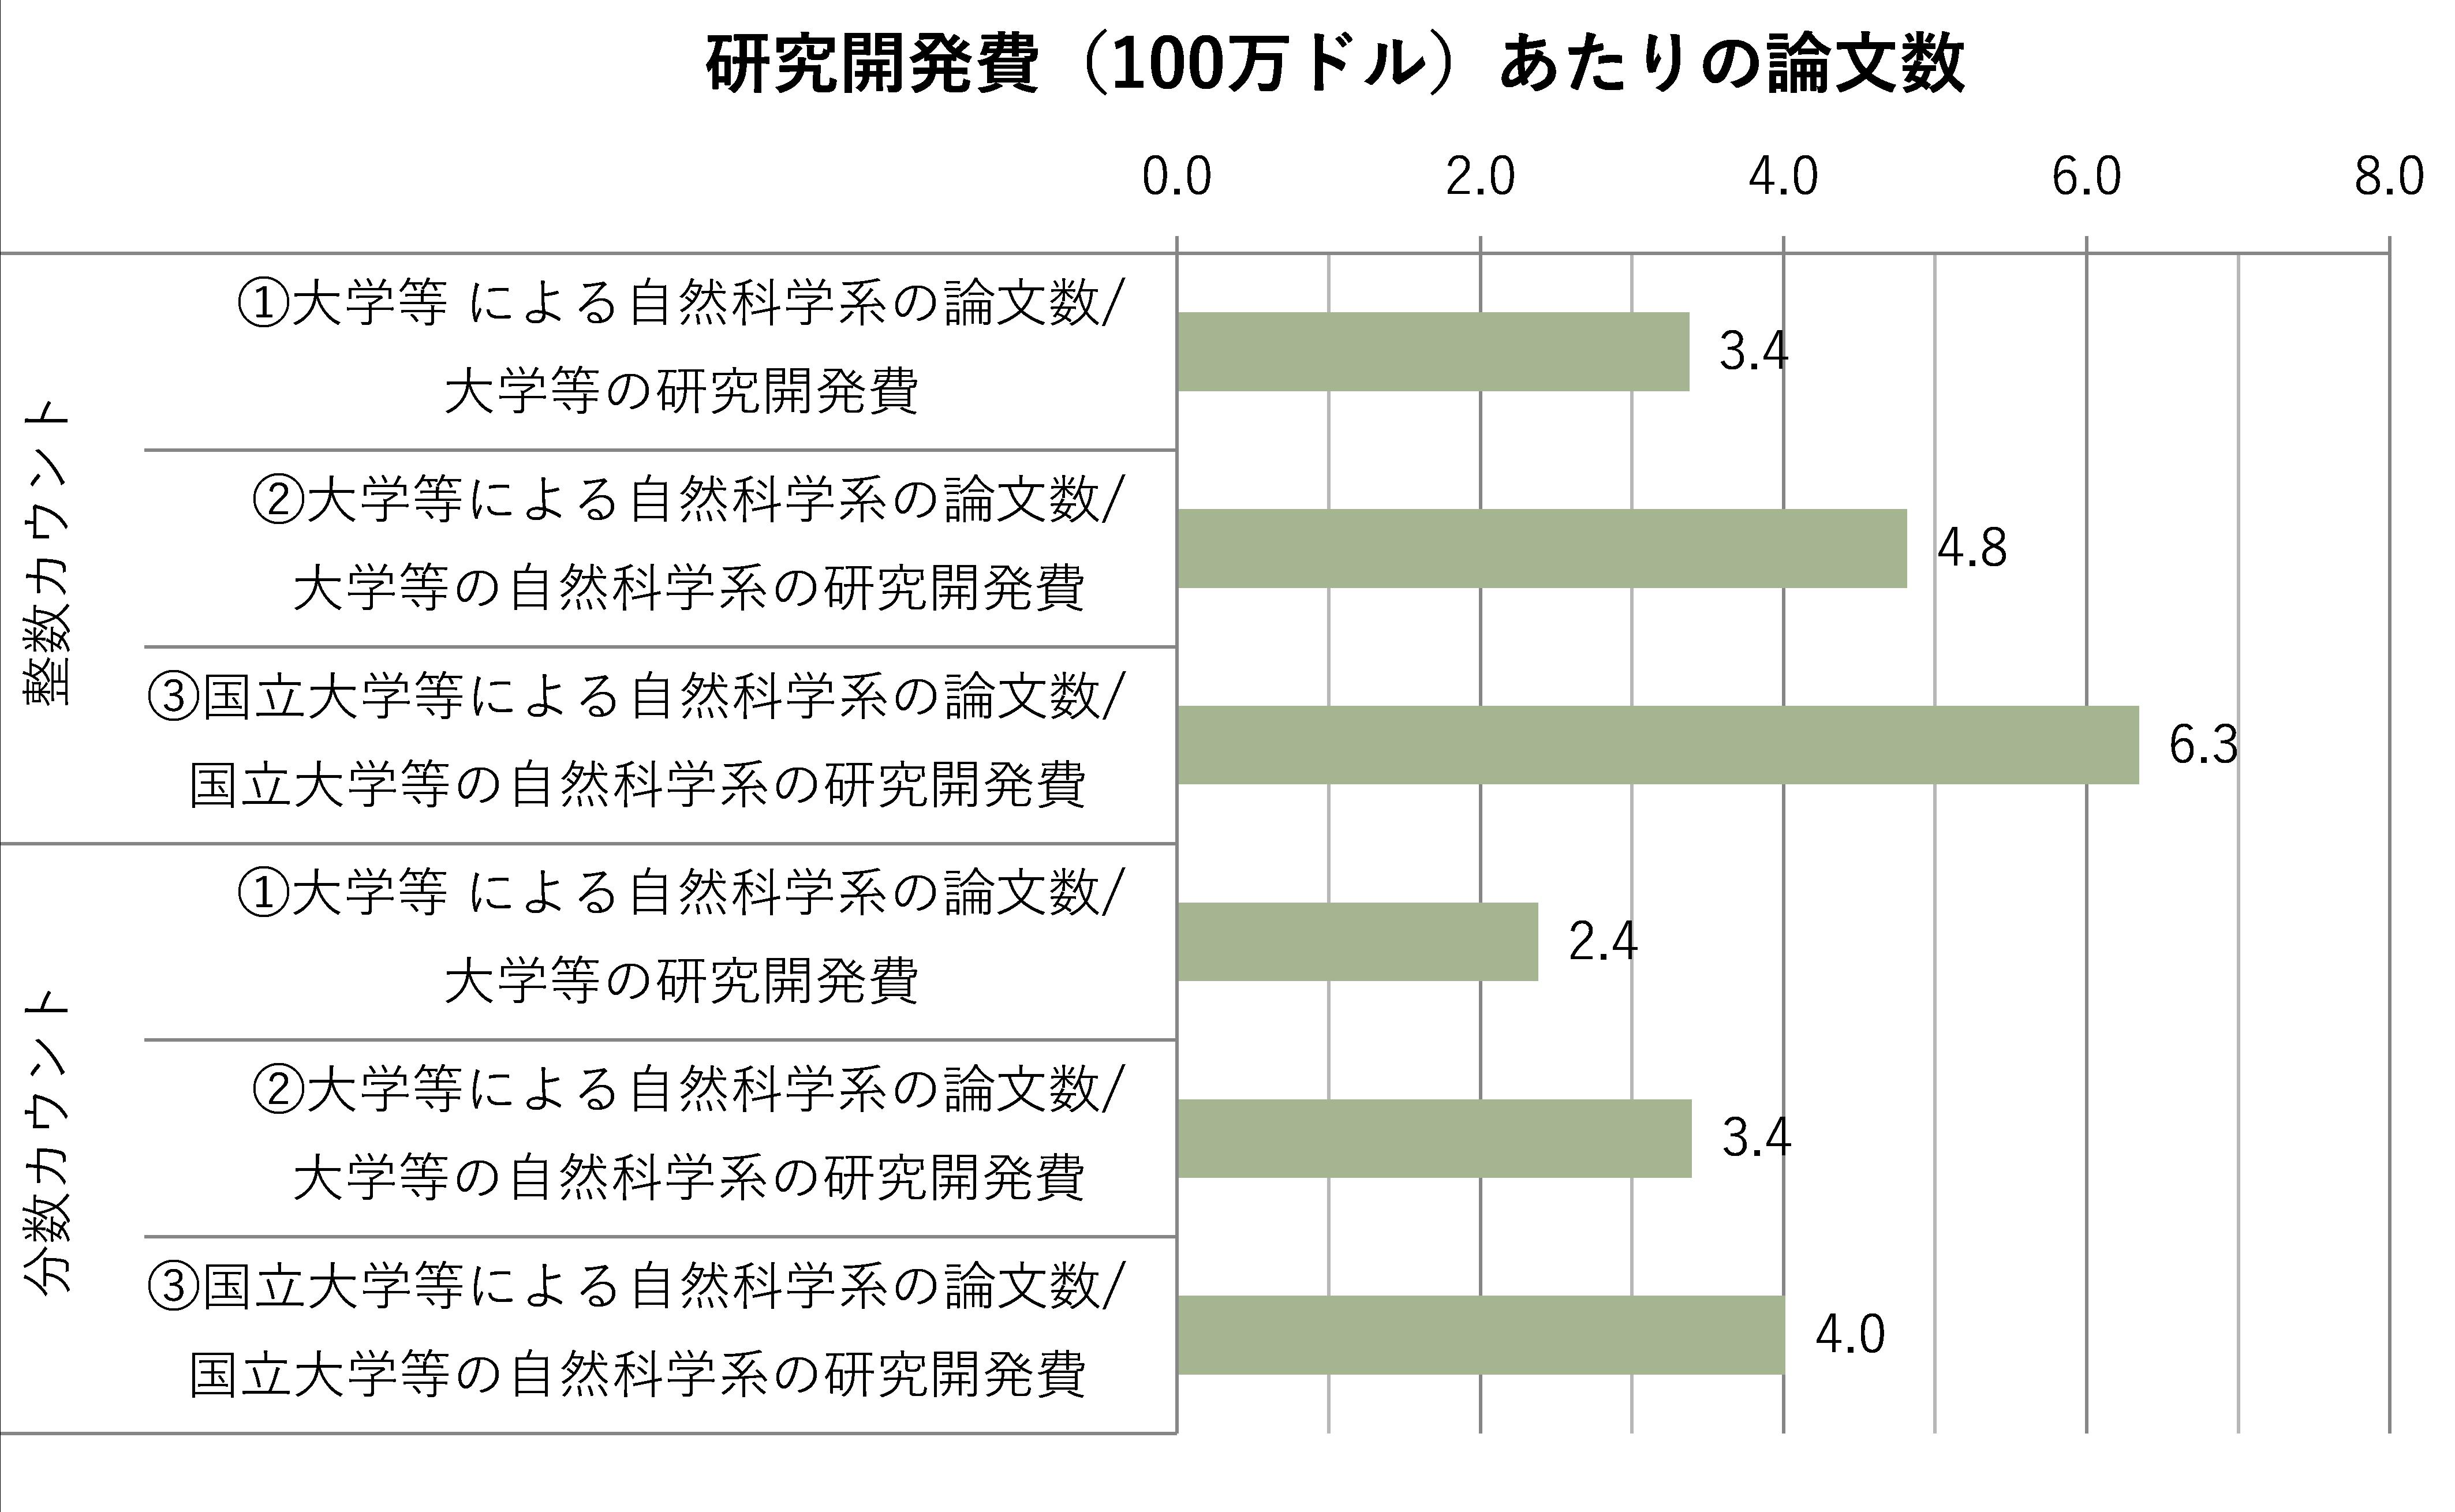 図表6 論文生産性の分析(日本の大学部門の詳細分析、2013~2015年の平均)注10